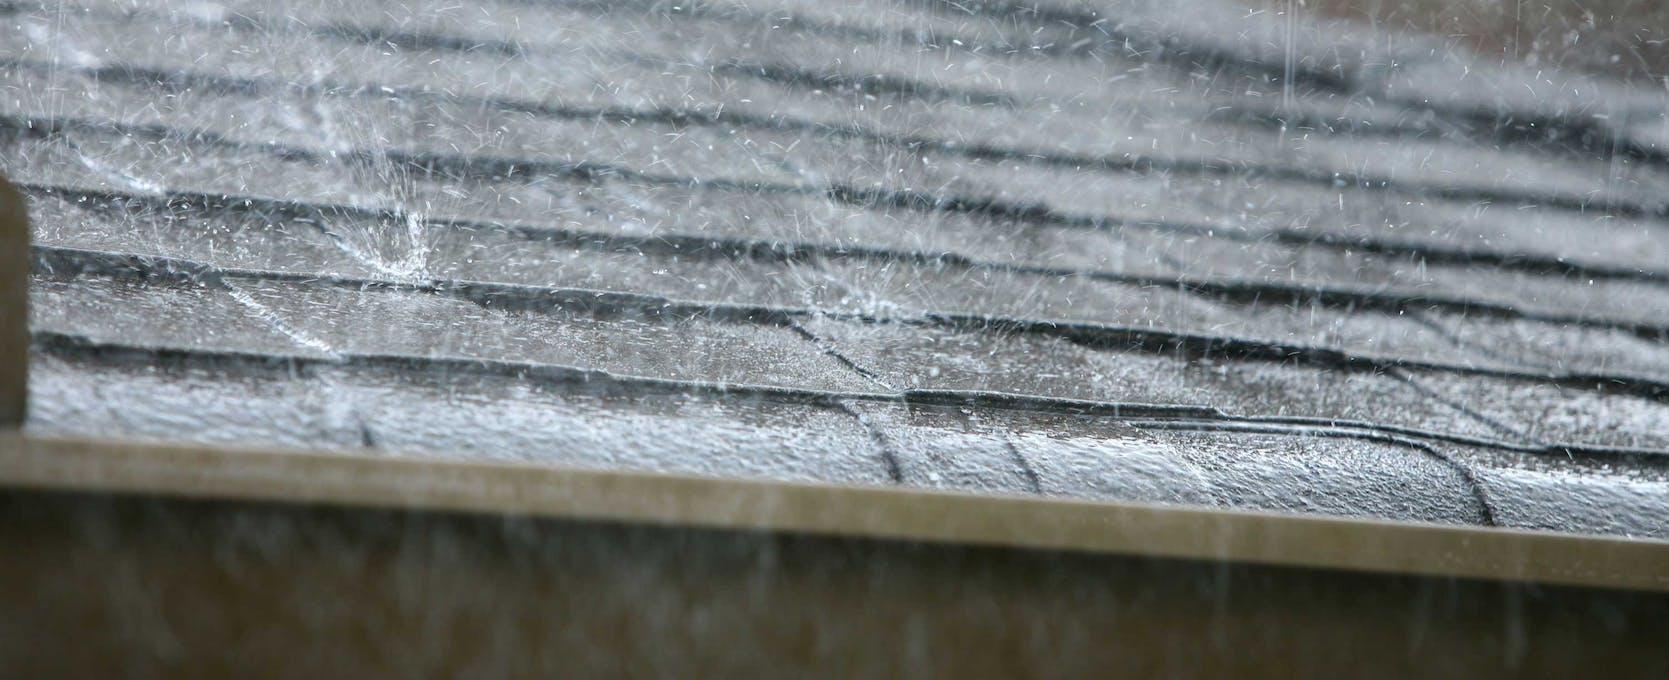 Rain falling on a roof